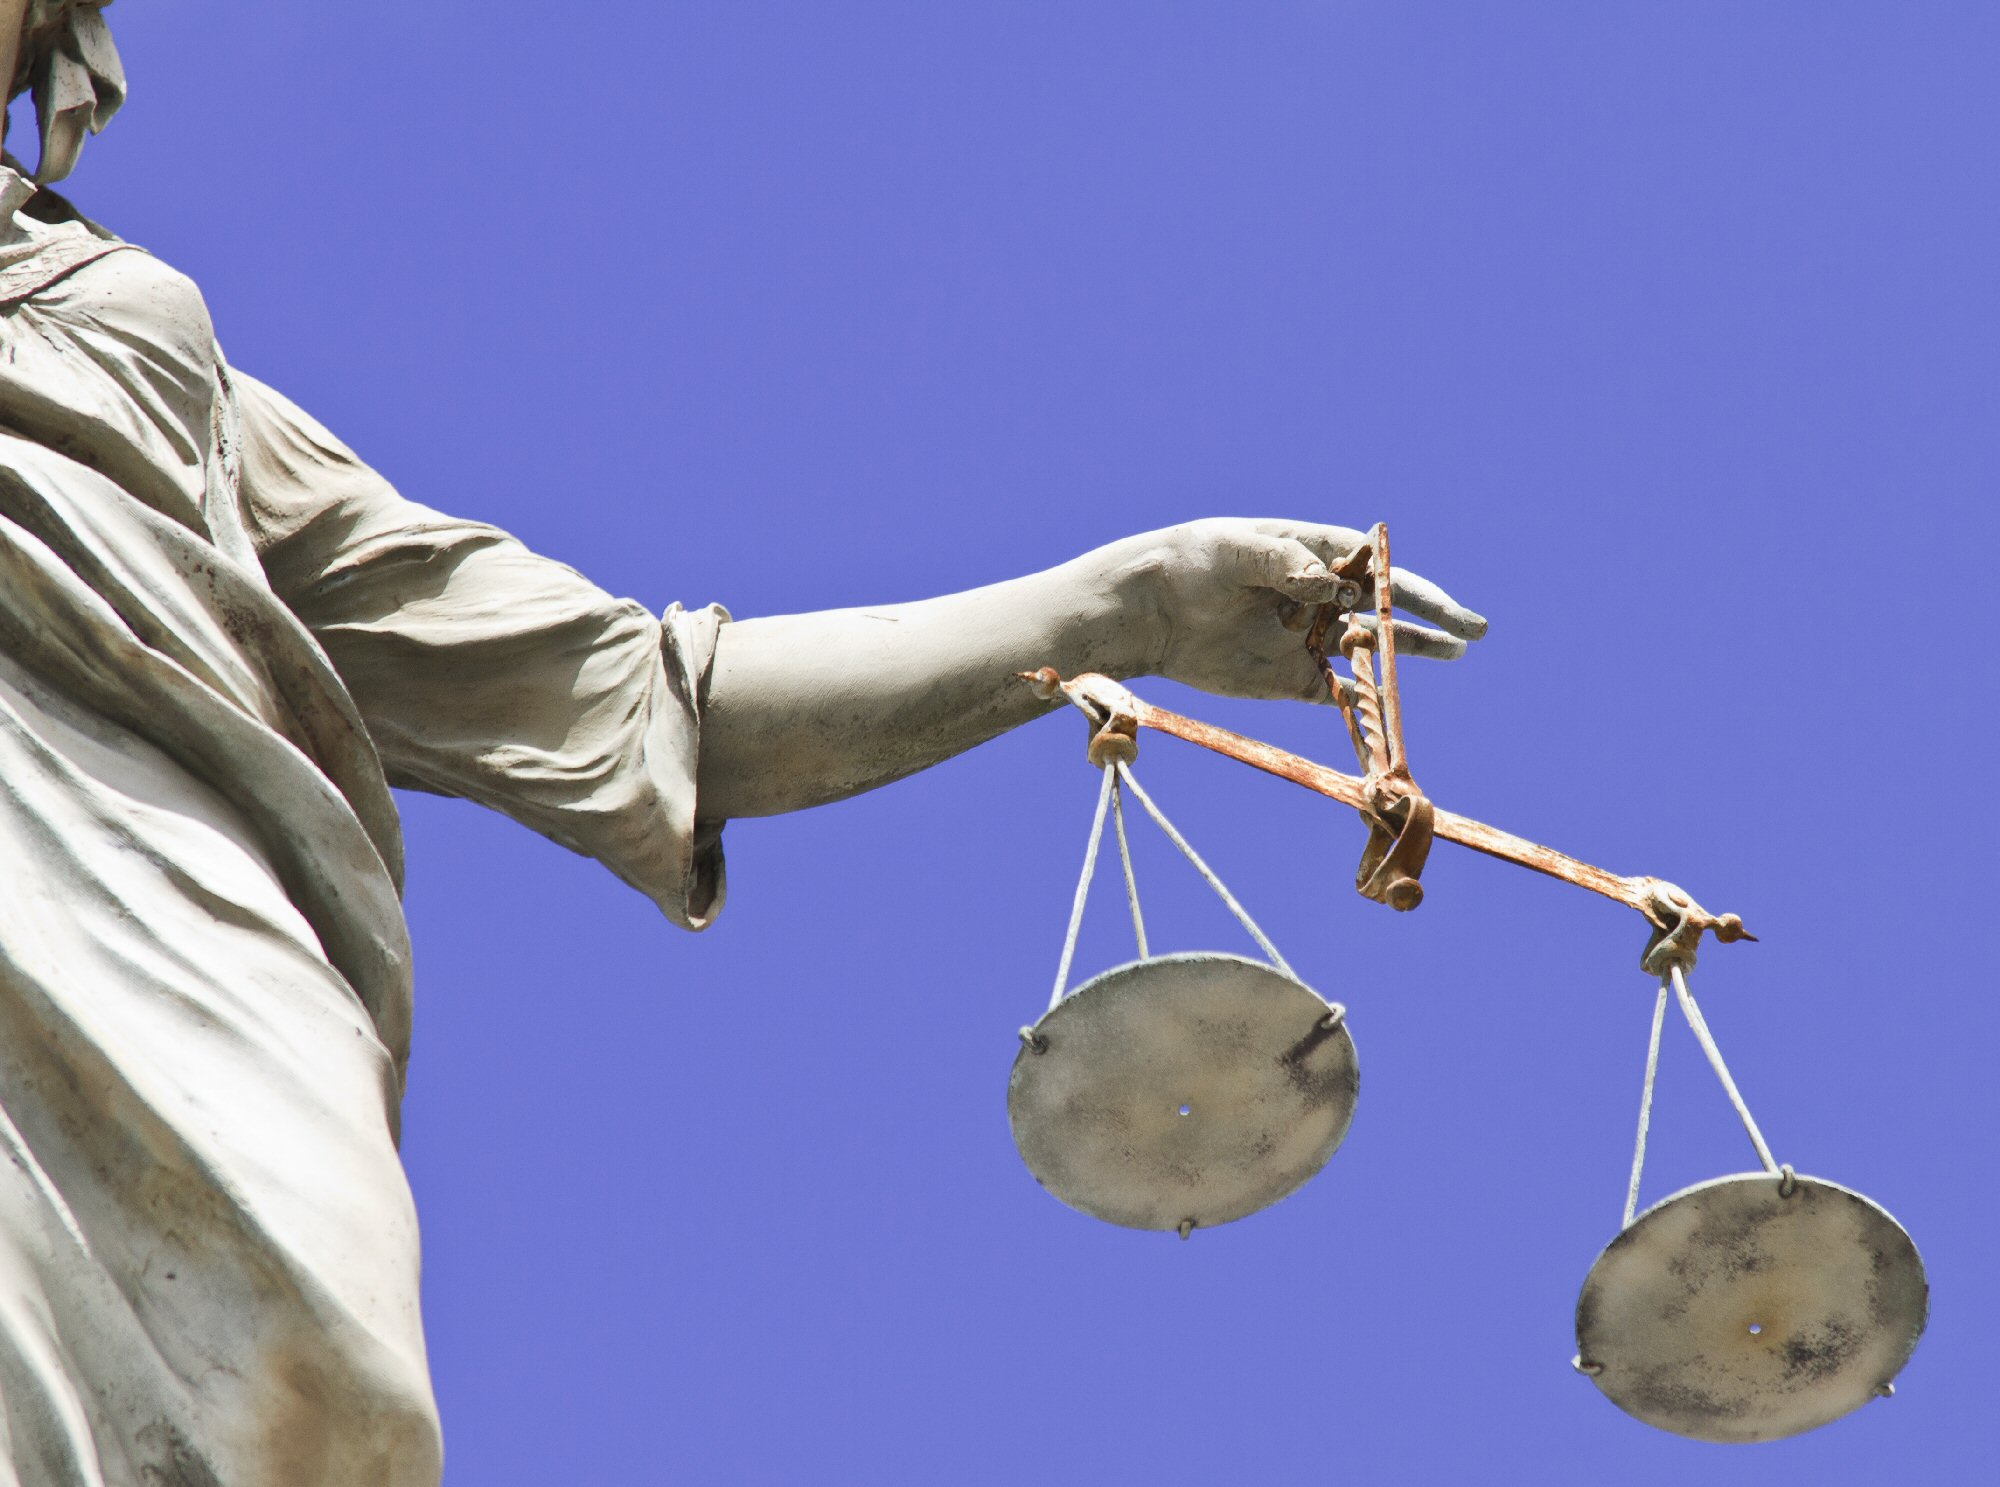 http://www.loggiagiordanobruno.com/wp-content/uploads/2013/05/giustizia-bilancia.jpg